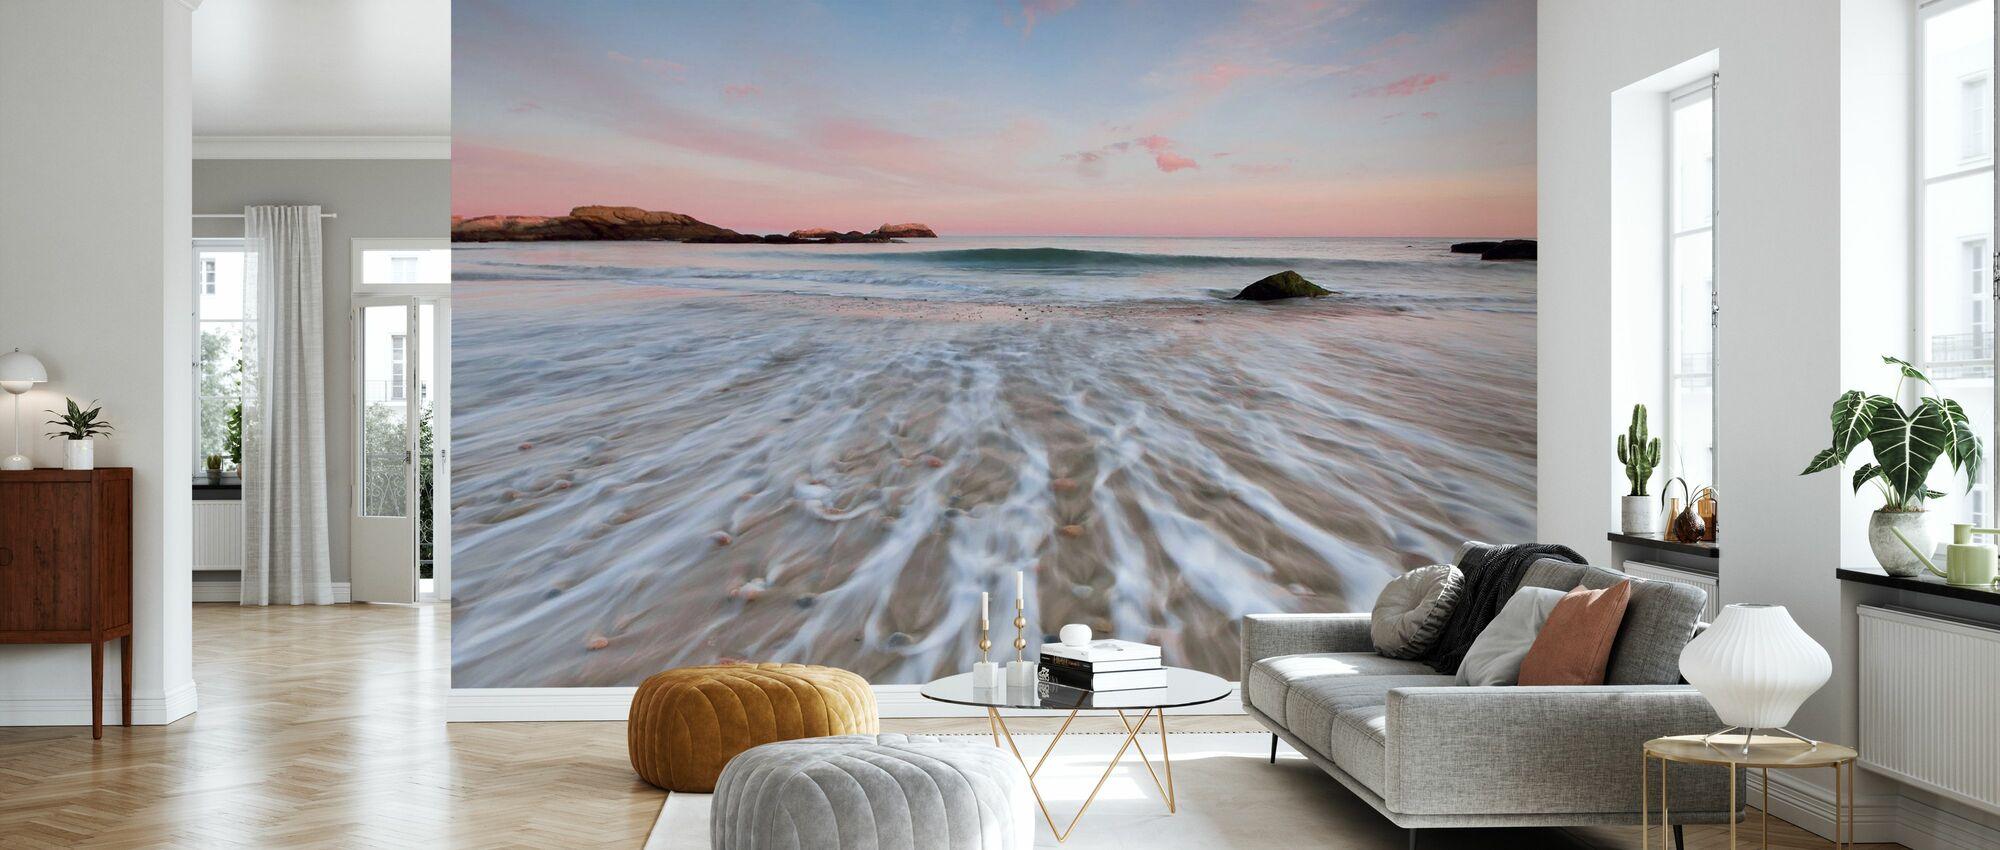 Driftwood Sunset - Wallpaper - Living Room